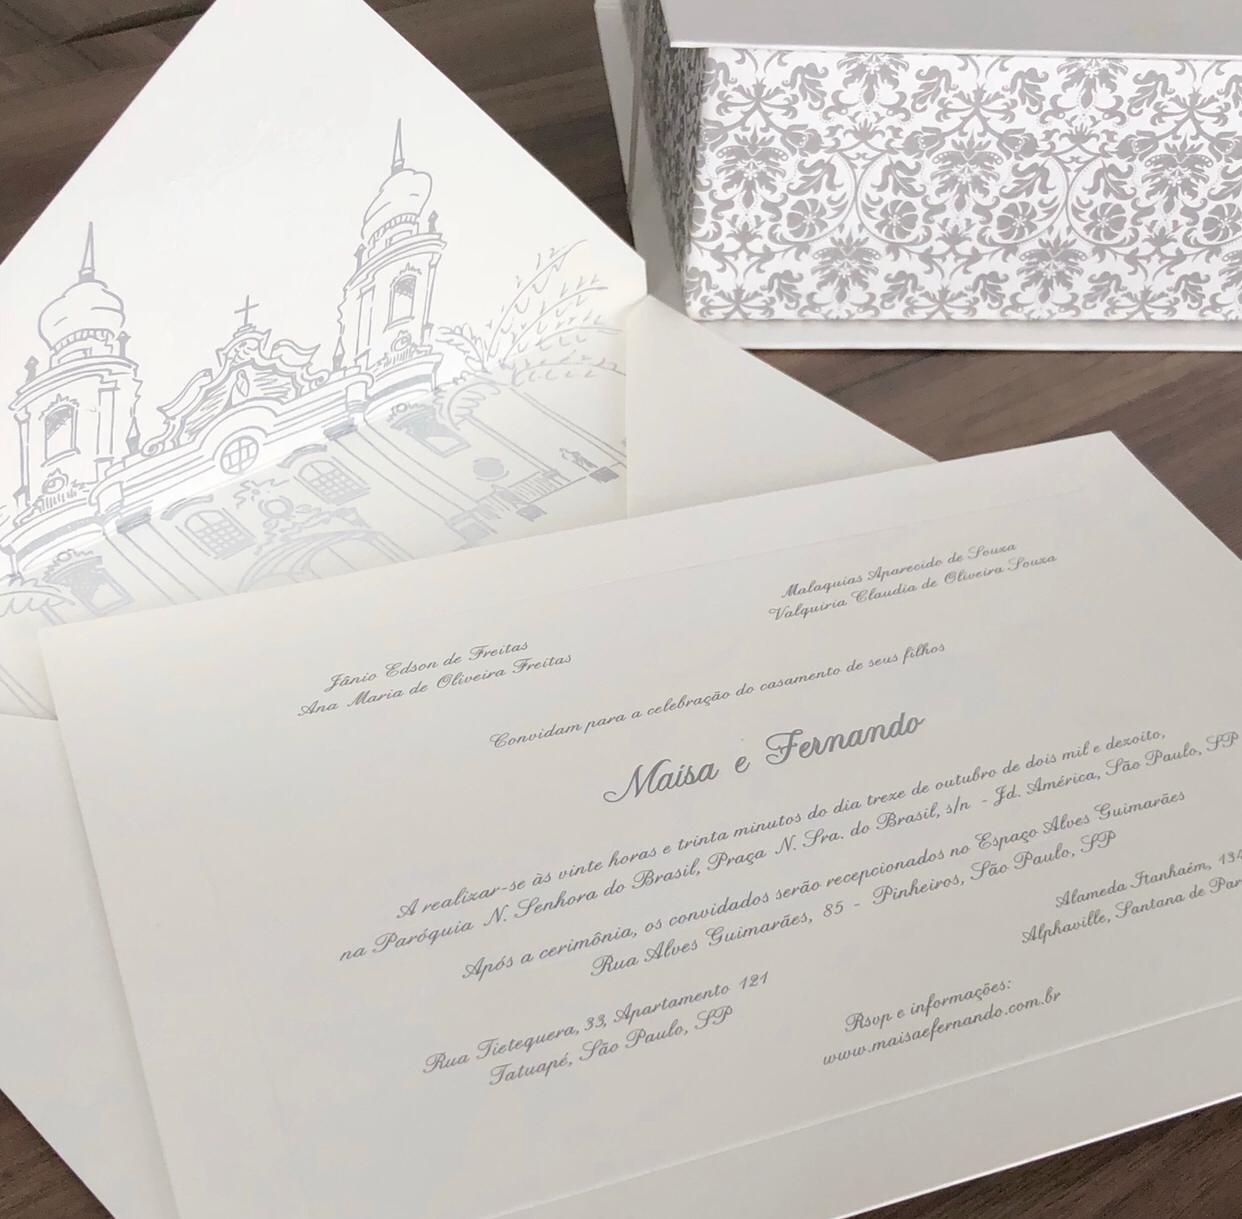 Convite para casamento com lacre de cera